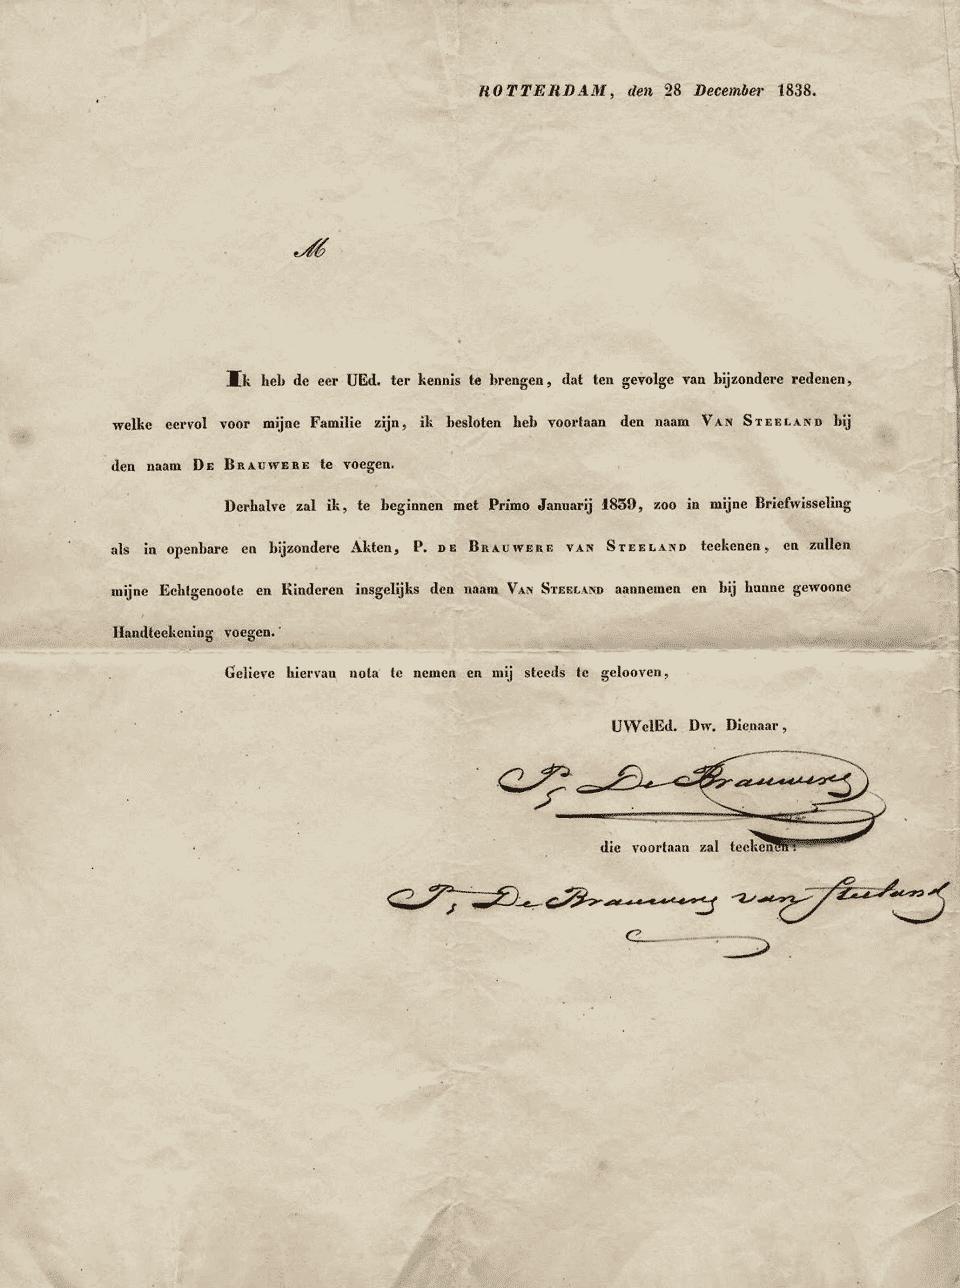 Adjonction de 'van Steeland' à 'de Brauwere' le 1er janvier 1839.